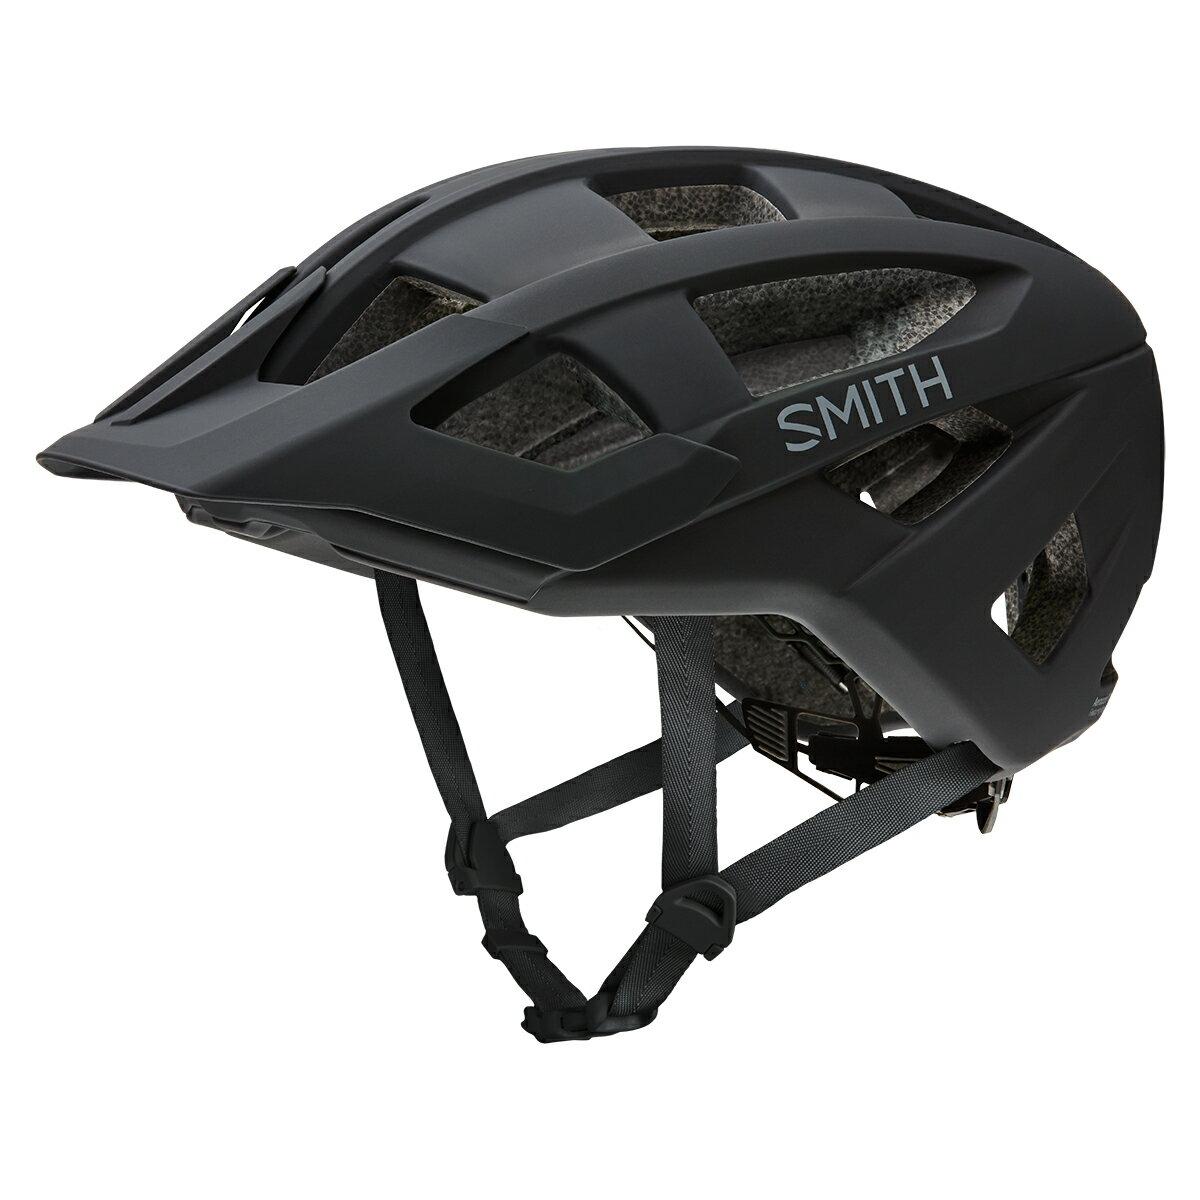 SMITH Venture(スミス ベンチャー ) ヘルメット 2018